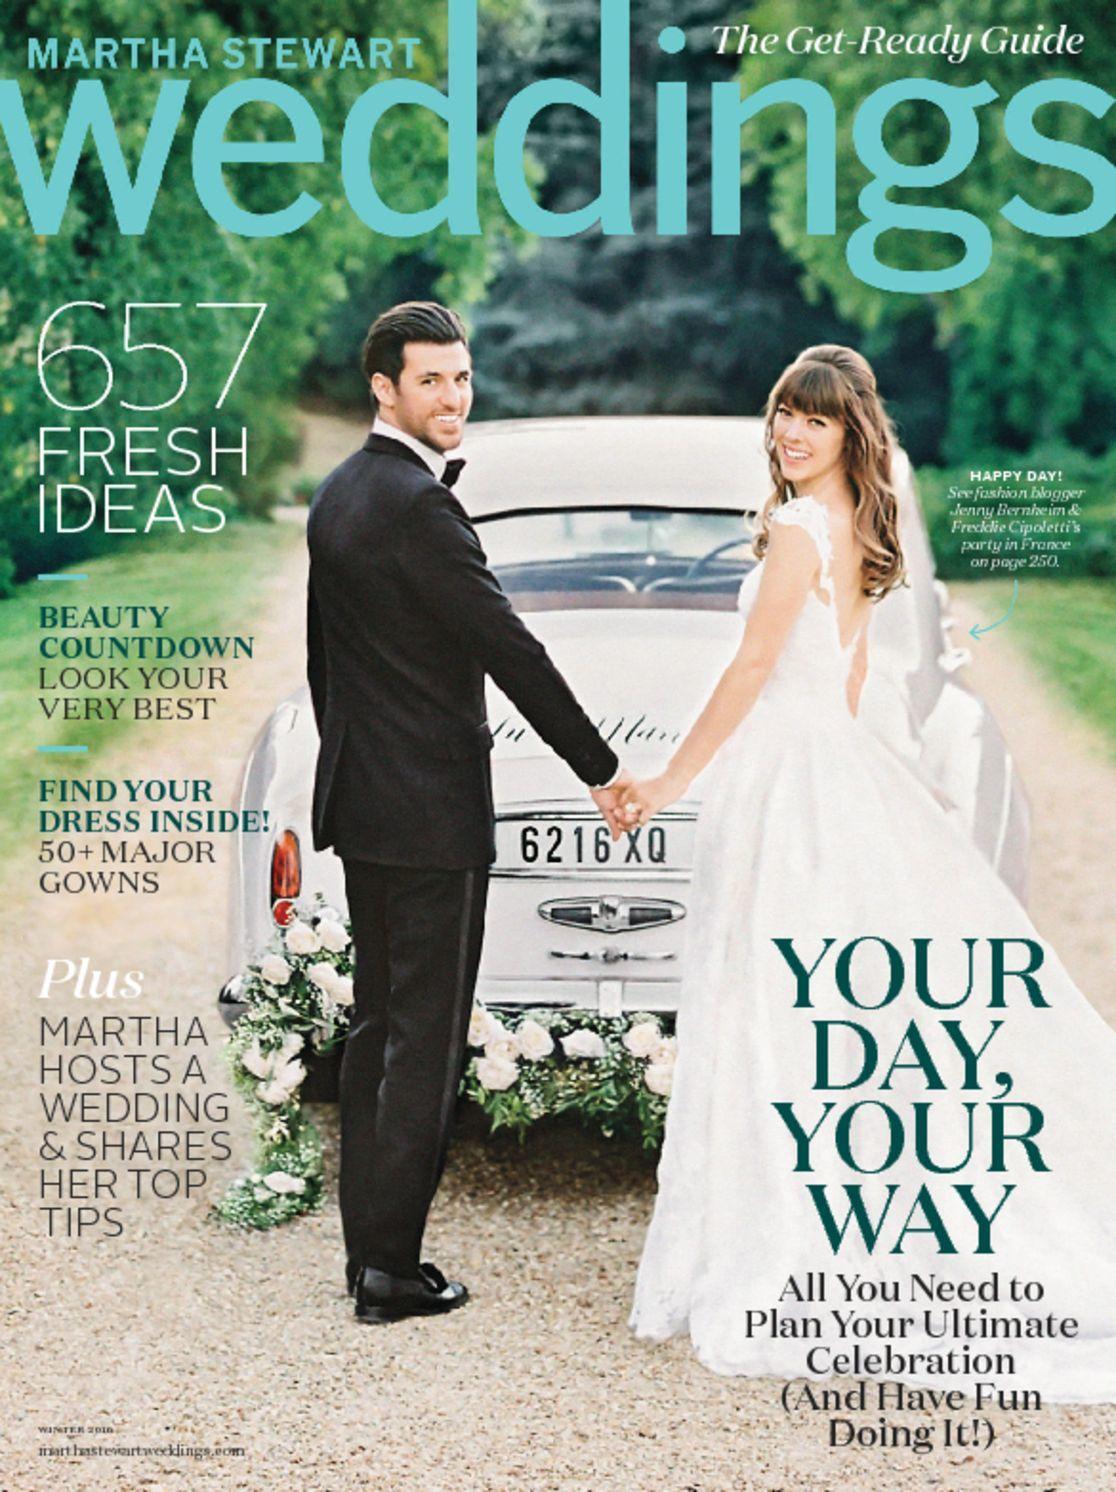 sneak peek - fall issue of Martha Stewart Weddings - Ritzy